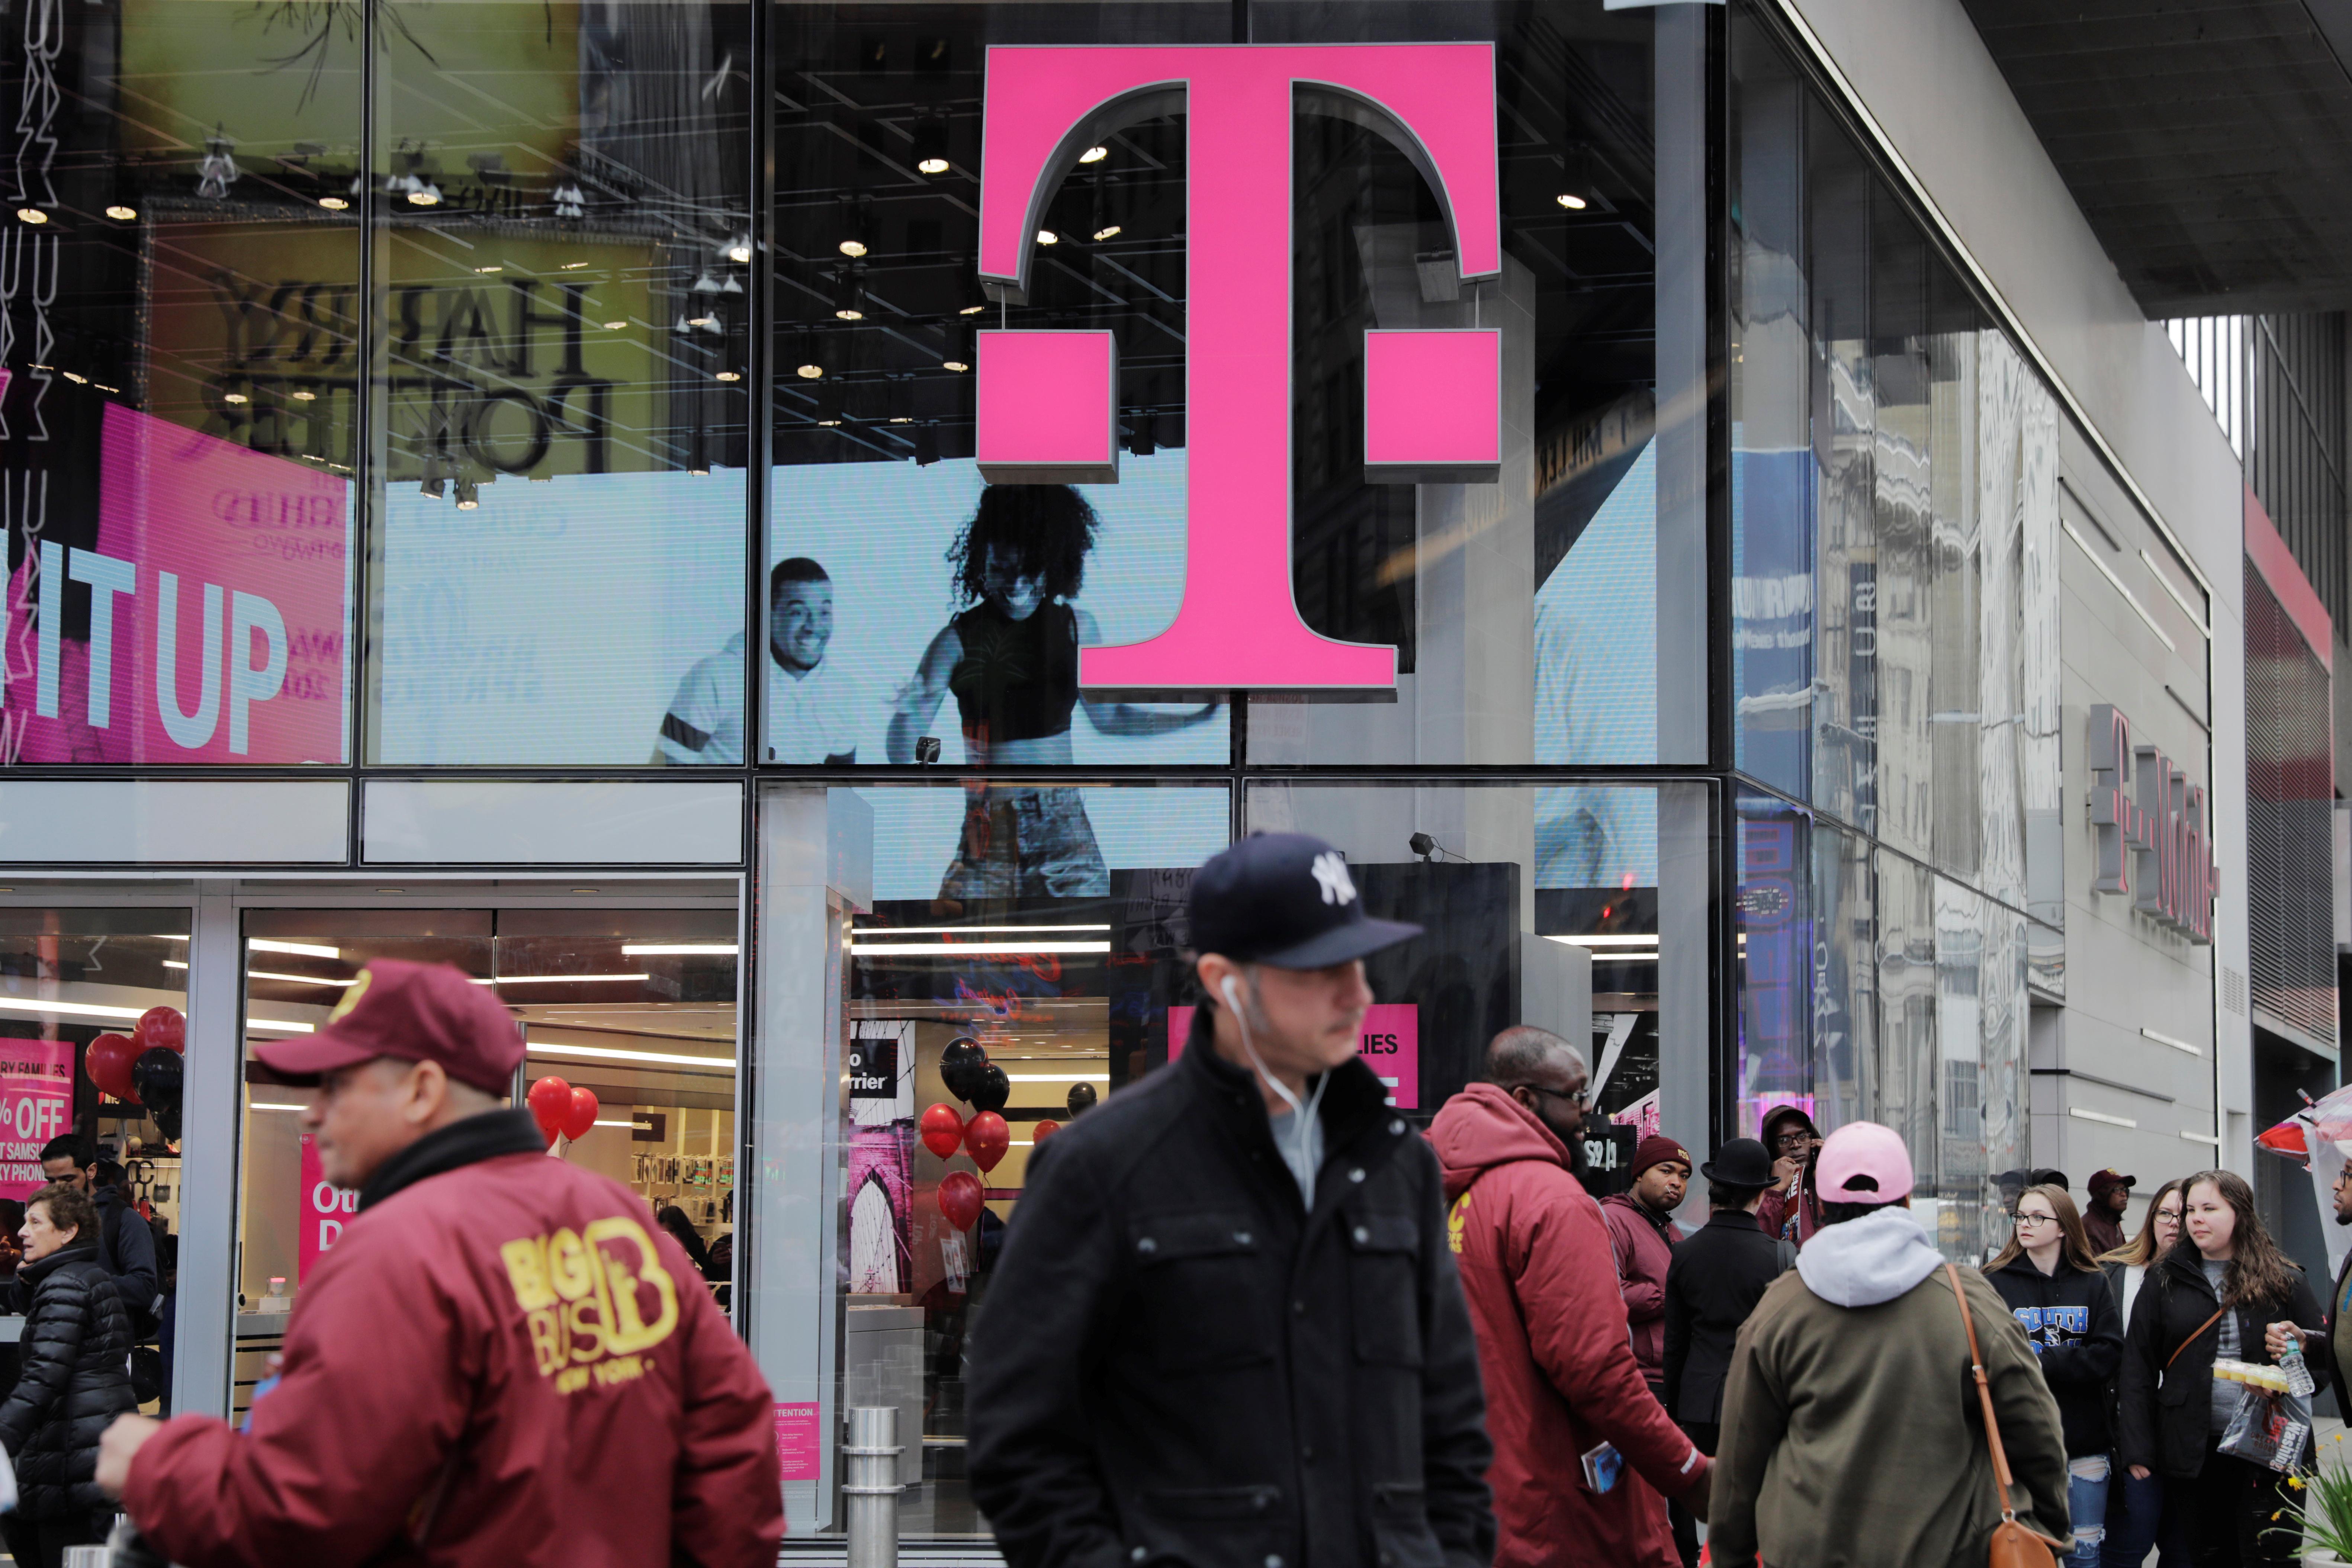 Pedestrians walk past a T-Mobile store in New York, U.S., April 27, 2018. REUTERS/Lucas Jackson